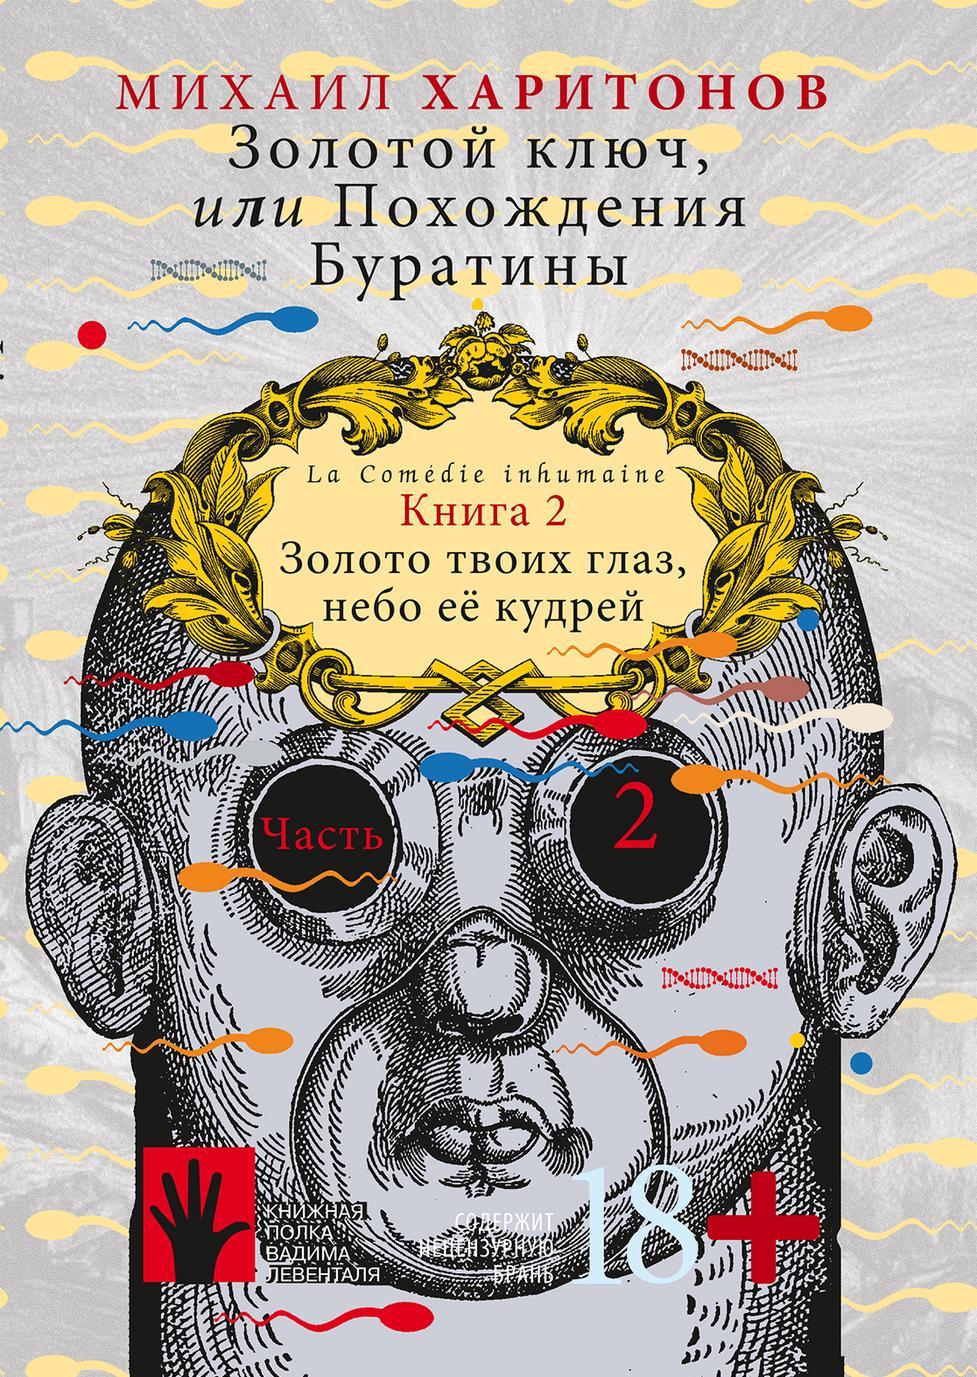 Zolotoj kljuch, ili Pokhozhdenija Buratiny. Kniga 2 v 2-kh chastjakh.Chast 2. Zoloto tvoikh glaz, nebo ee kudrej.